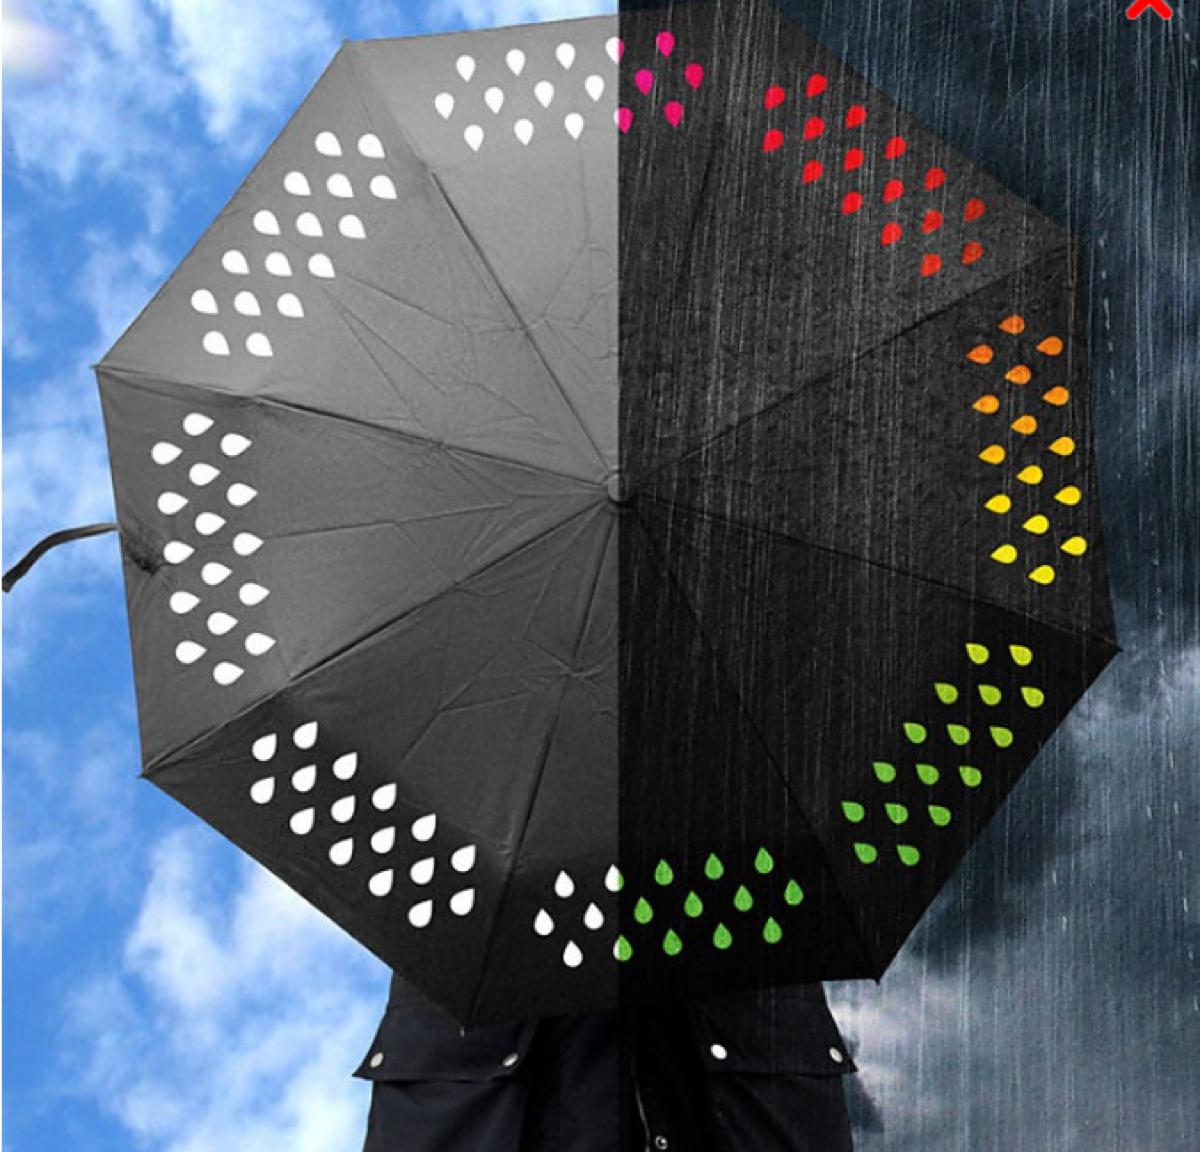 Paraguas originales para llenar de color los días grises